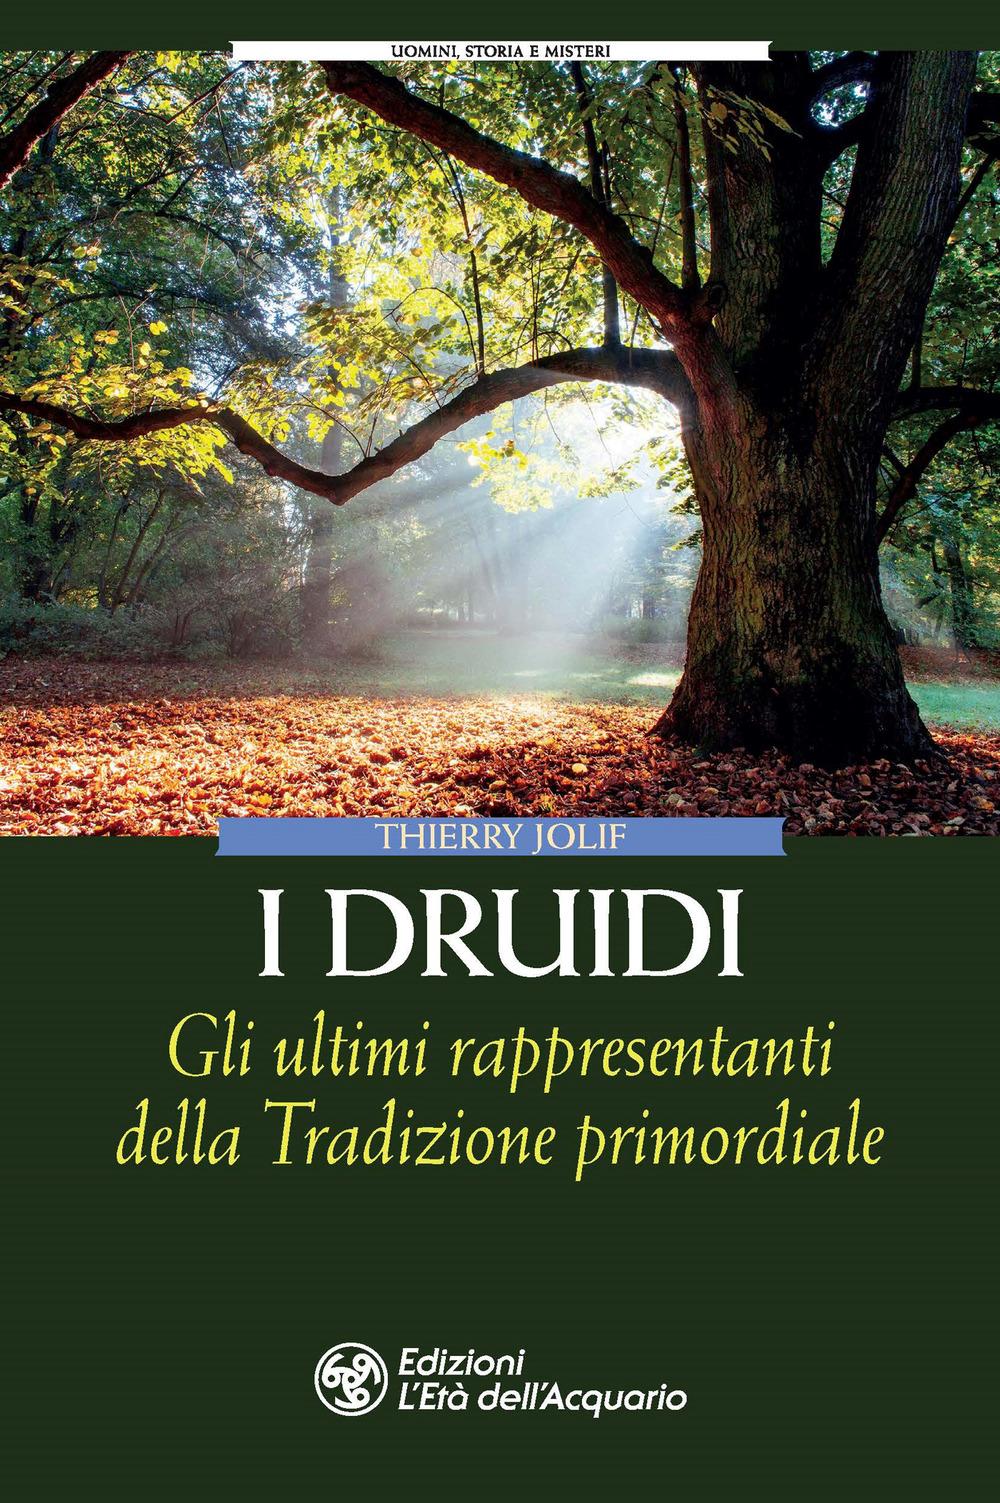 DRUIDI (I) - Jolif Thierry - 9788833362502